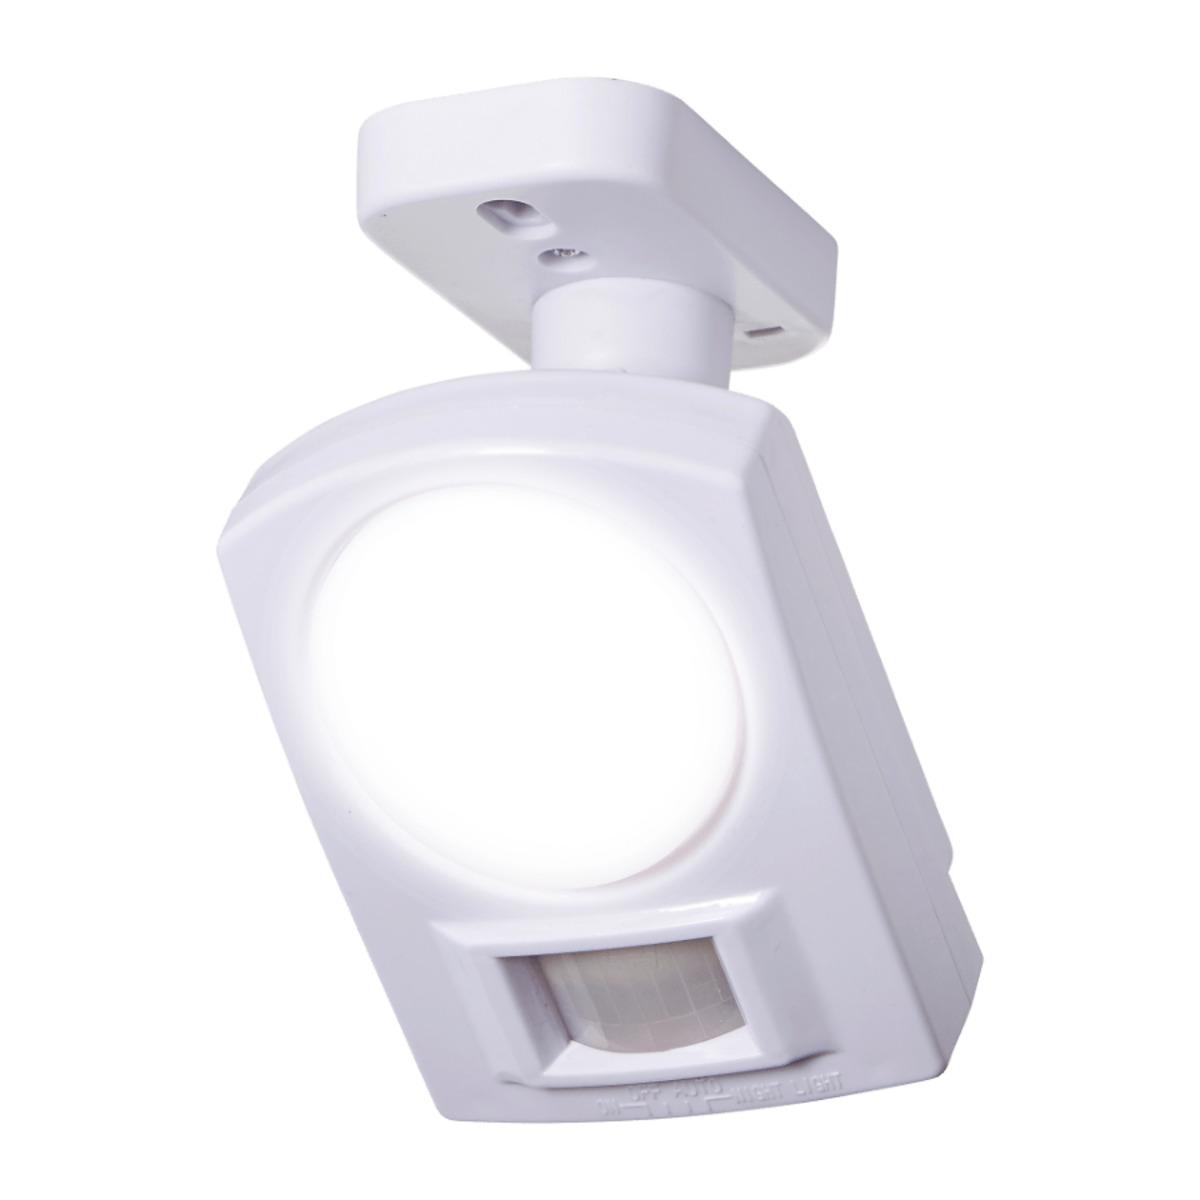 Bild 4 von LIGHTZONE     LED-Lampen